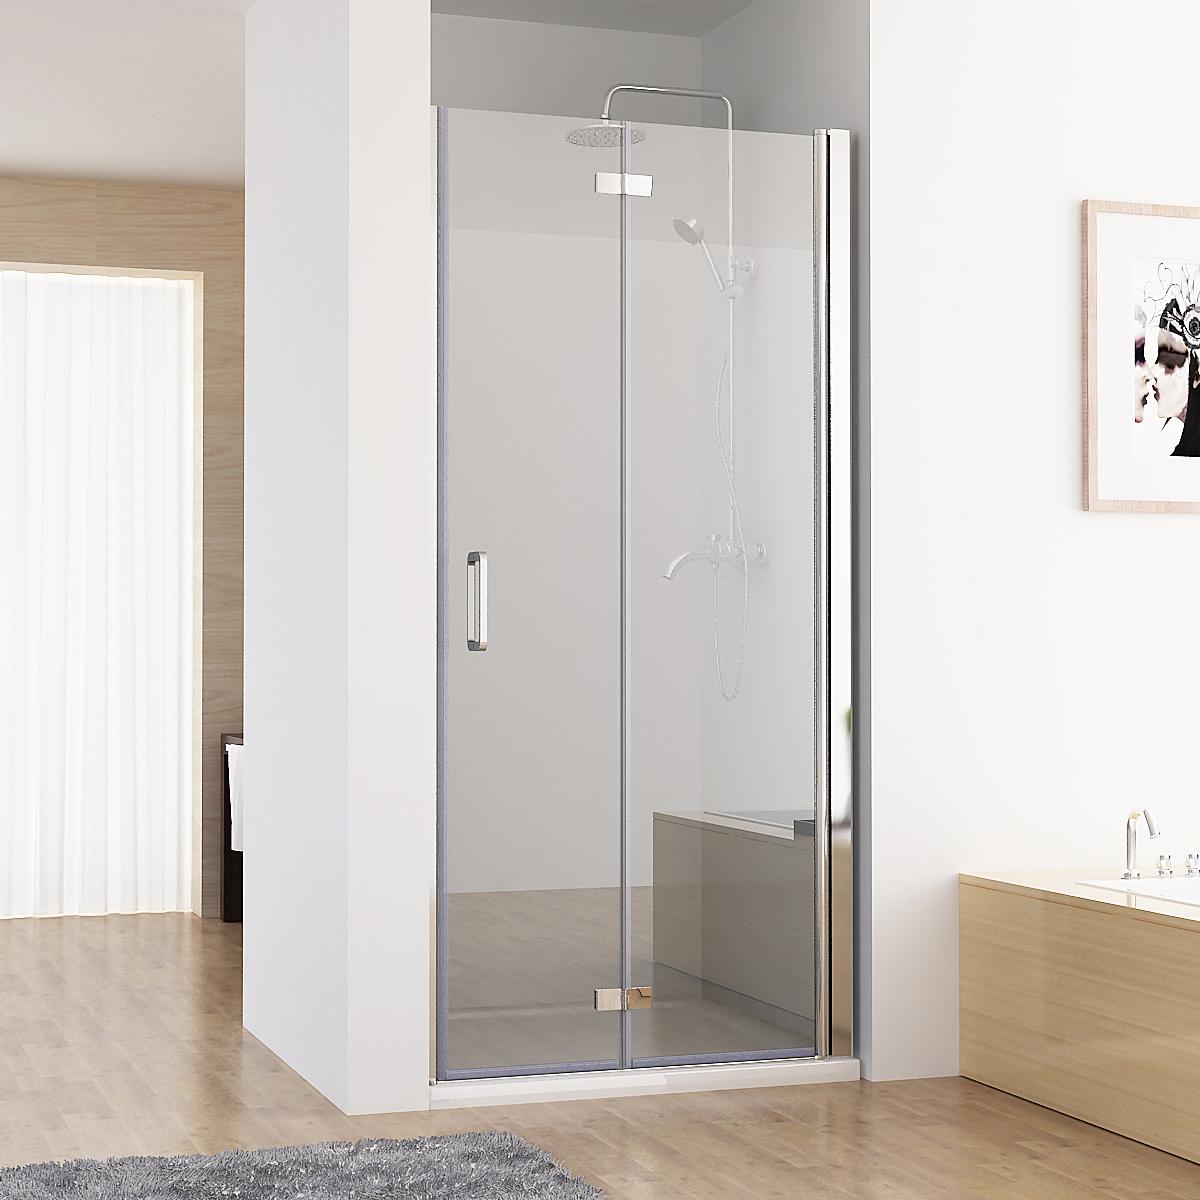 Full Size of Glaswand Dusche Nischentr Duschabtrennung Falttr Duschwand Nano Glas 75 Duschen Kaufen Walkin Begehbare Ohne Tür Fliesen Glastür Pendeltür Hüppe Unterputz Dusche Glaswand Dusche